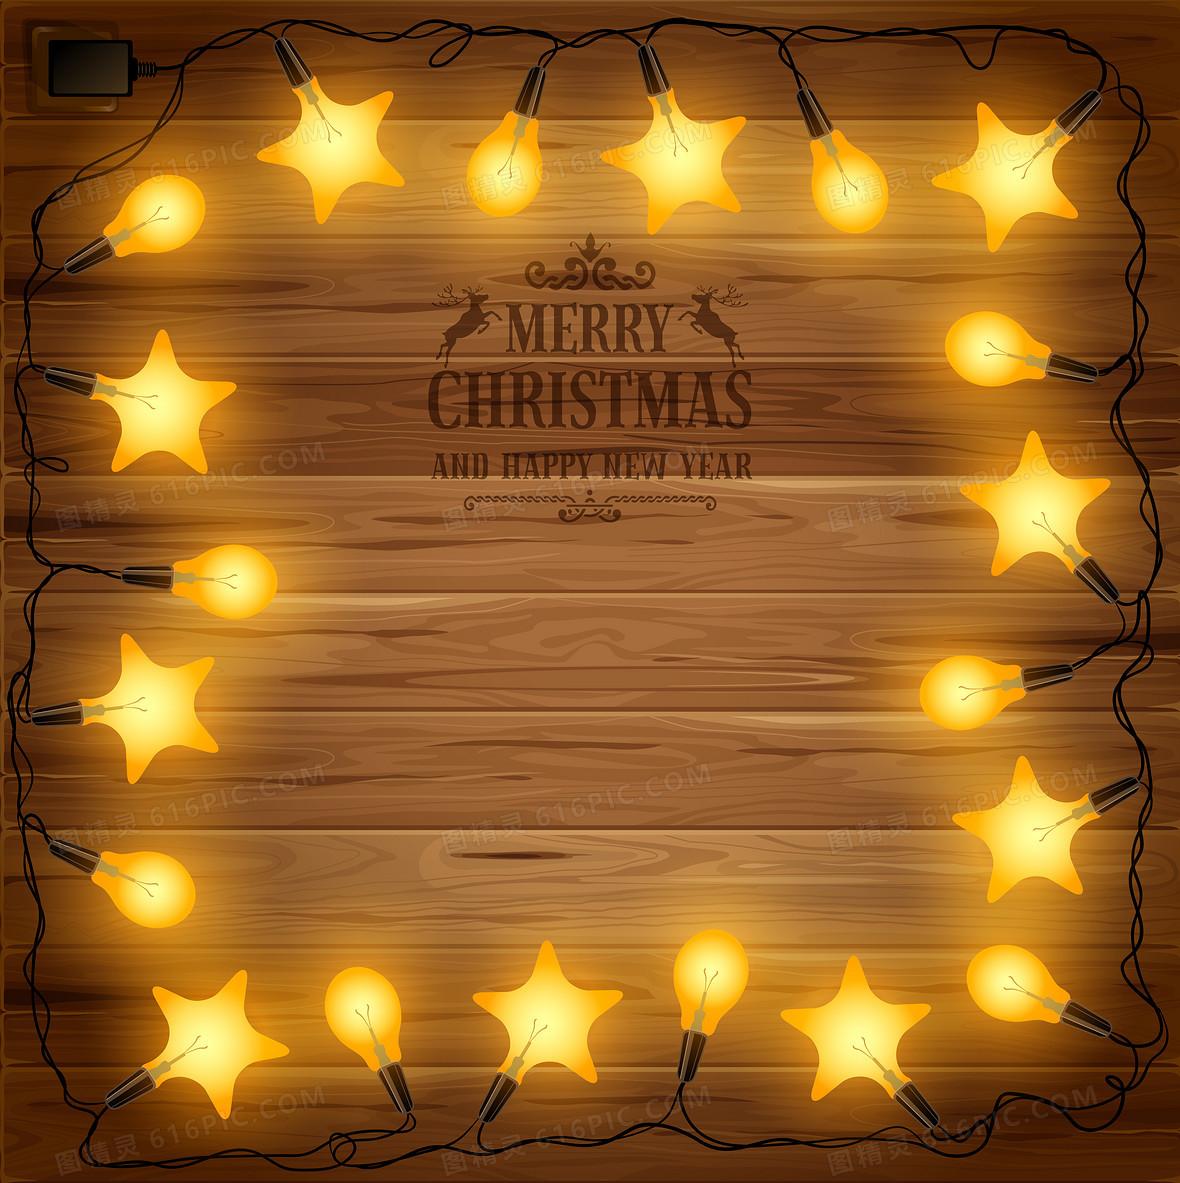 木板星星灯圣诞海报背景素材